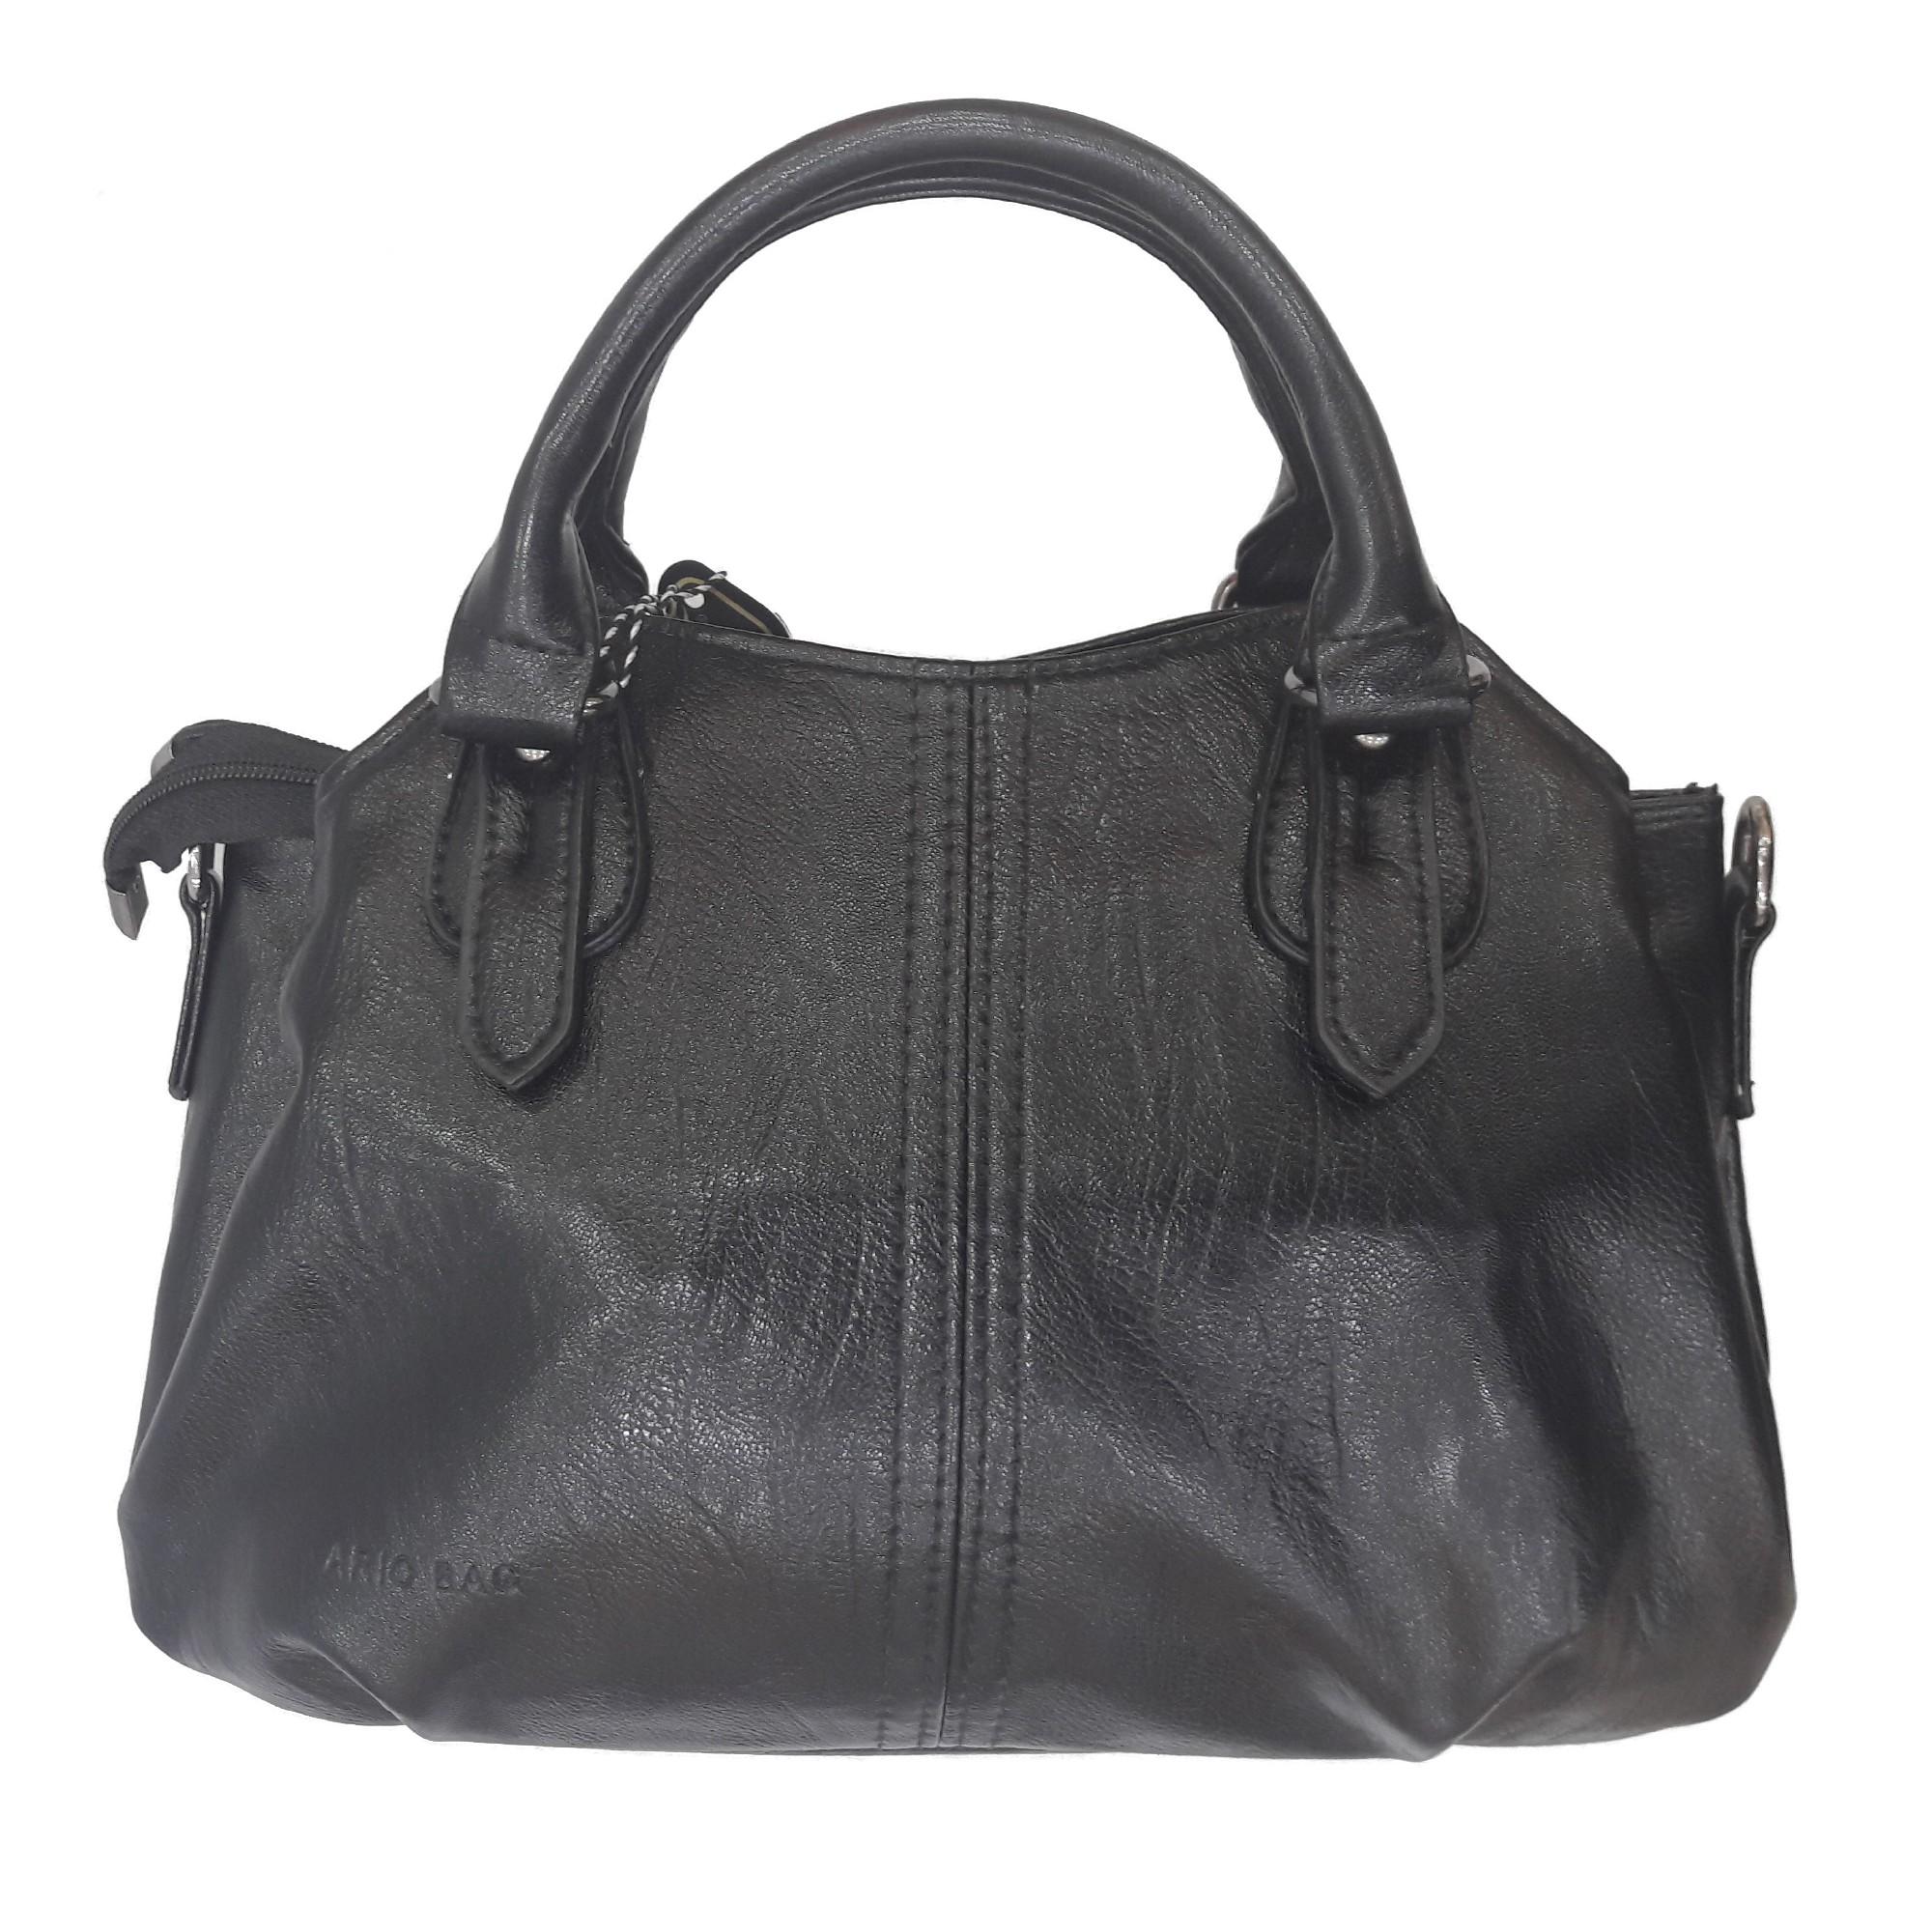 کیف دستی زنانه کد b185